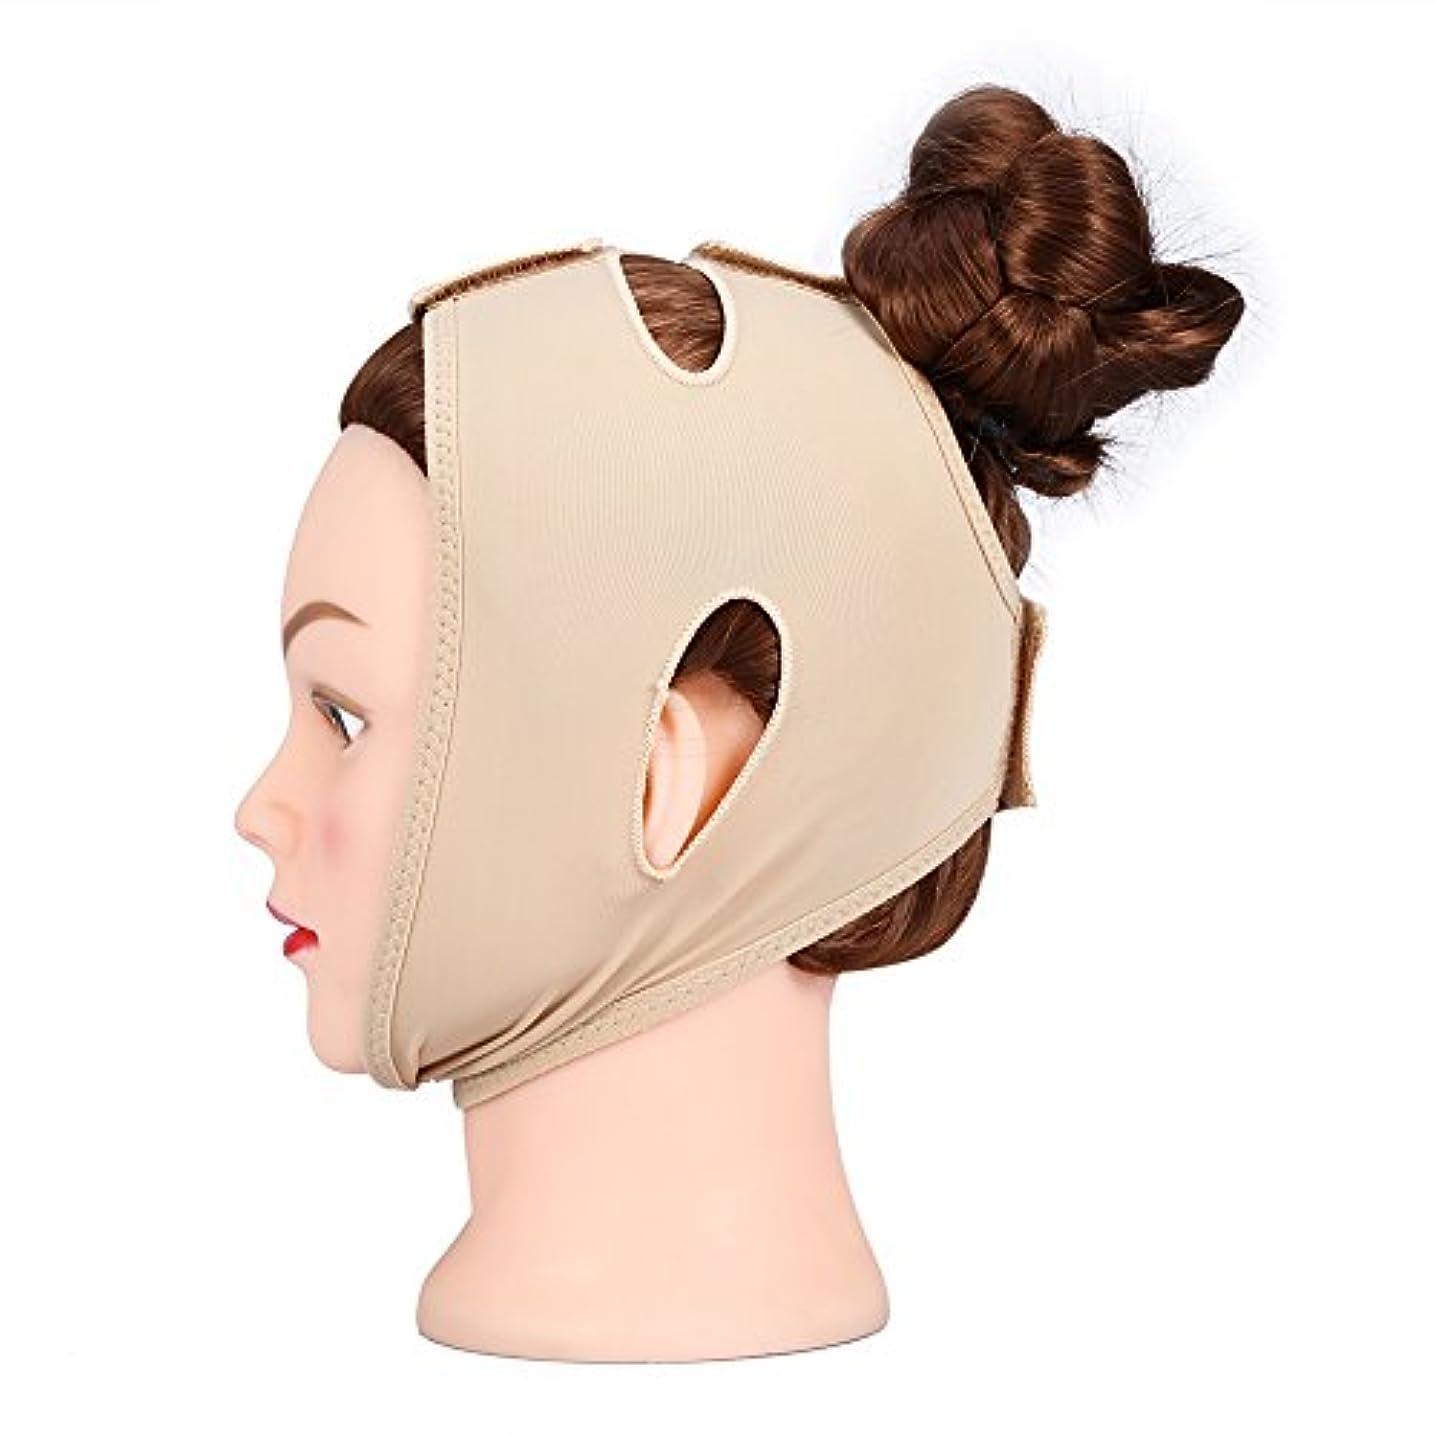 最高マウントバンク地味な痩身フェイスバンド、痩身フェイスマスク、フェイスリフトマスク、睡眠首マスク、二重あご包帯を減らす(M)